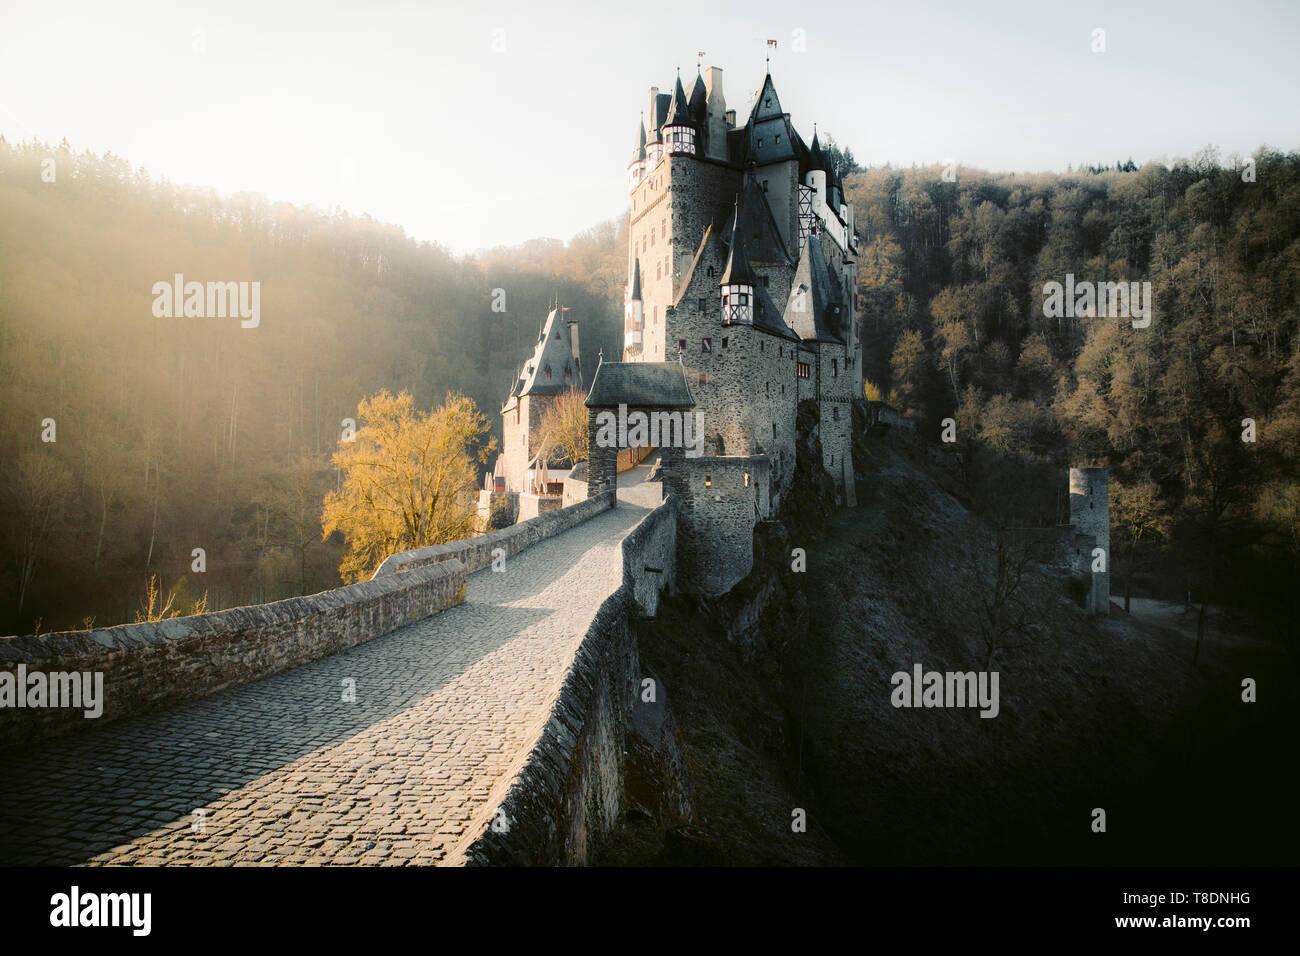 Filt Stock Photos & Filt Stock Images - Alamy